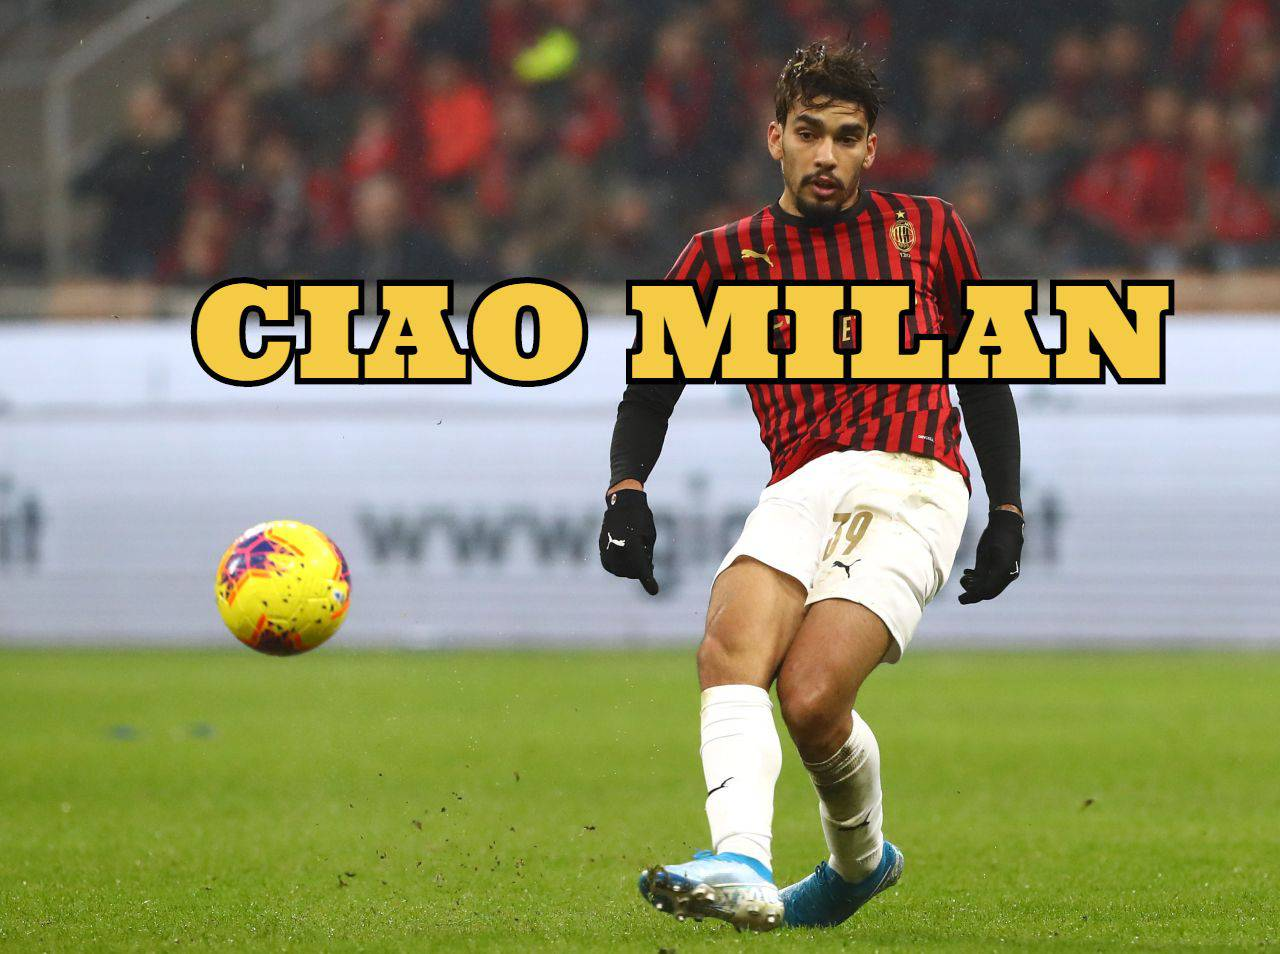 Cessioni Milan